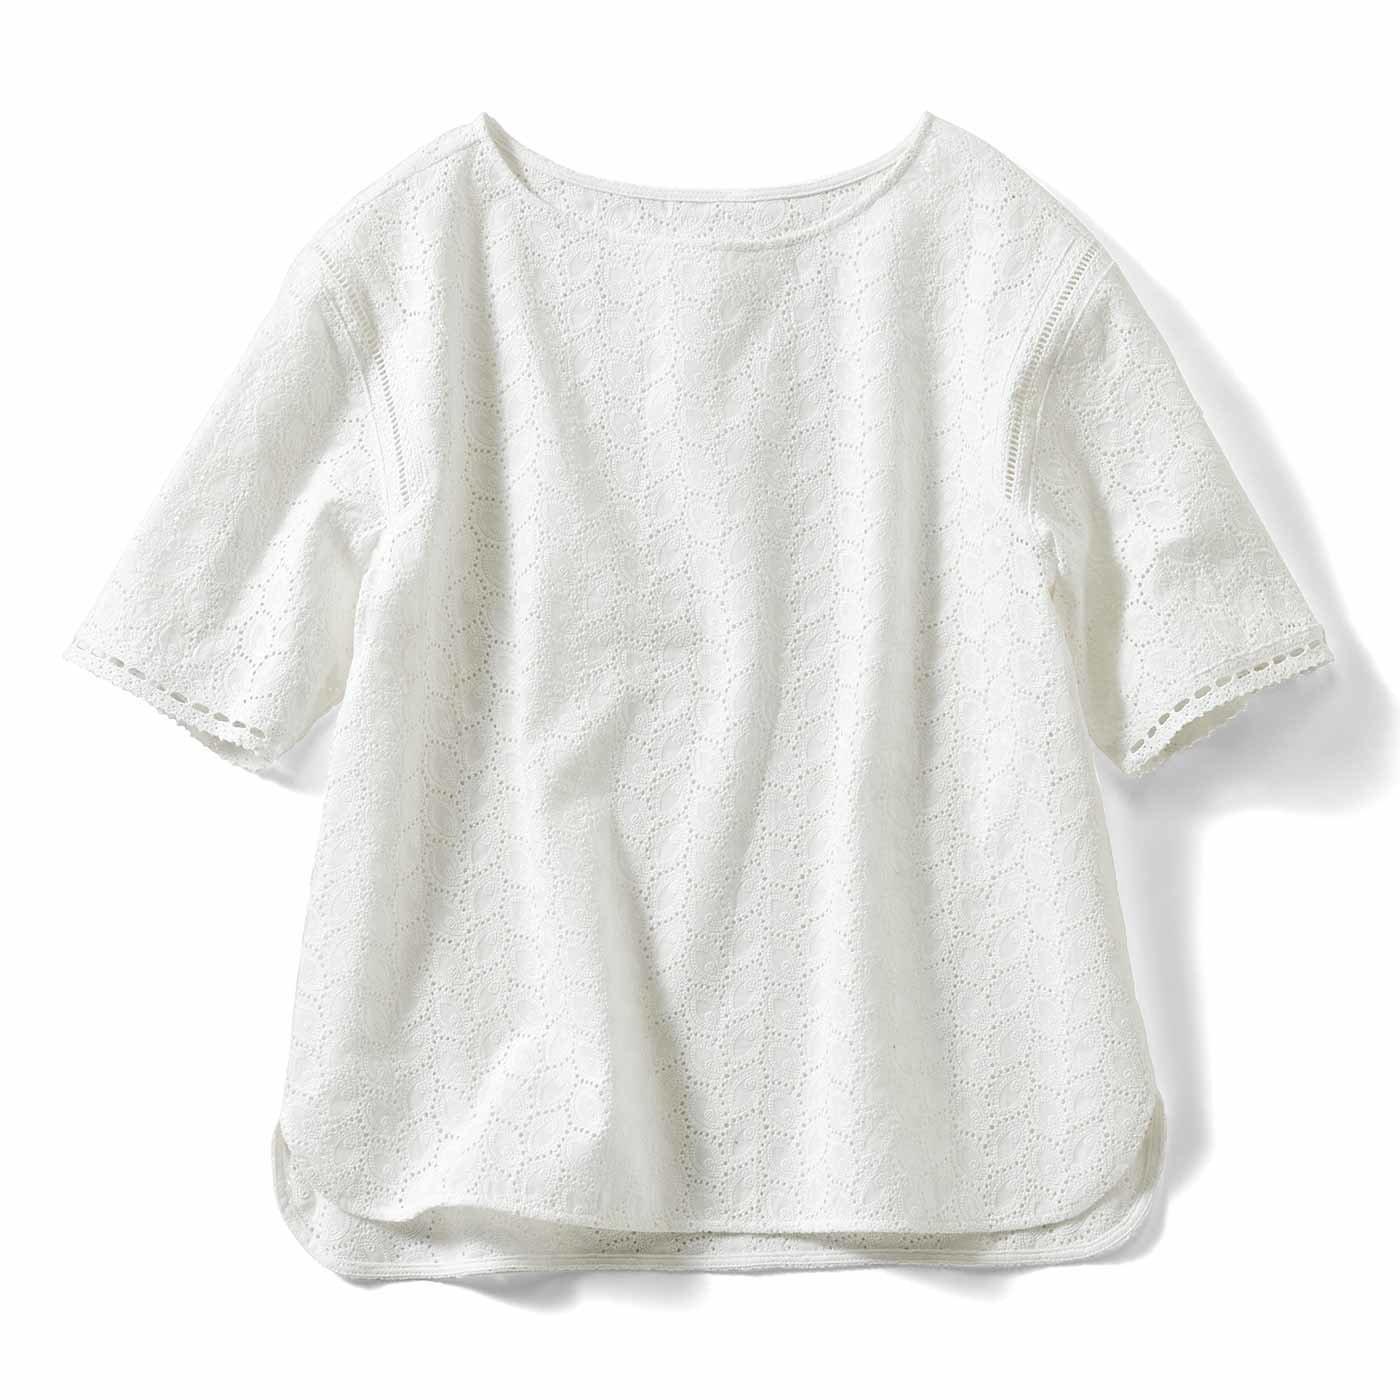 IEDIT[イディット] Tシャツ感覚で華やぐ総レーストップス〈ホワイト〉